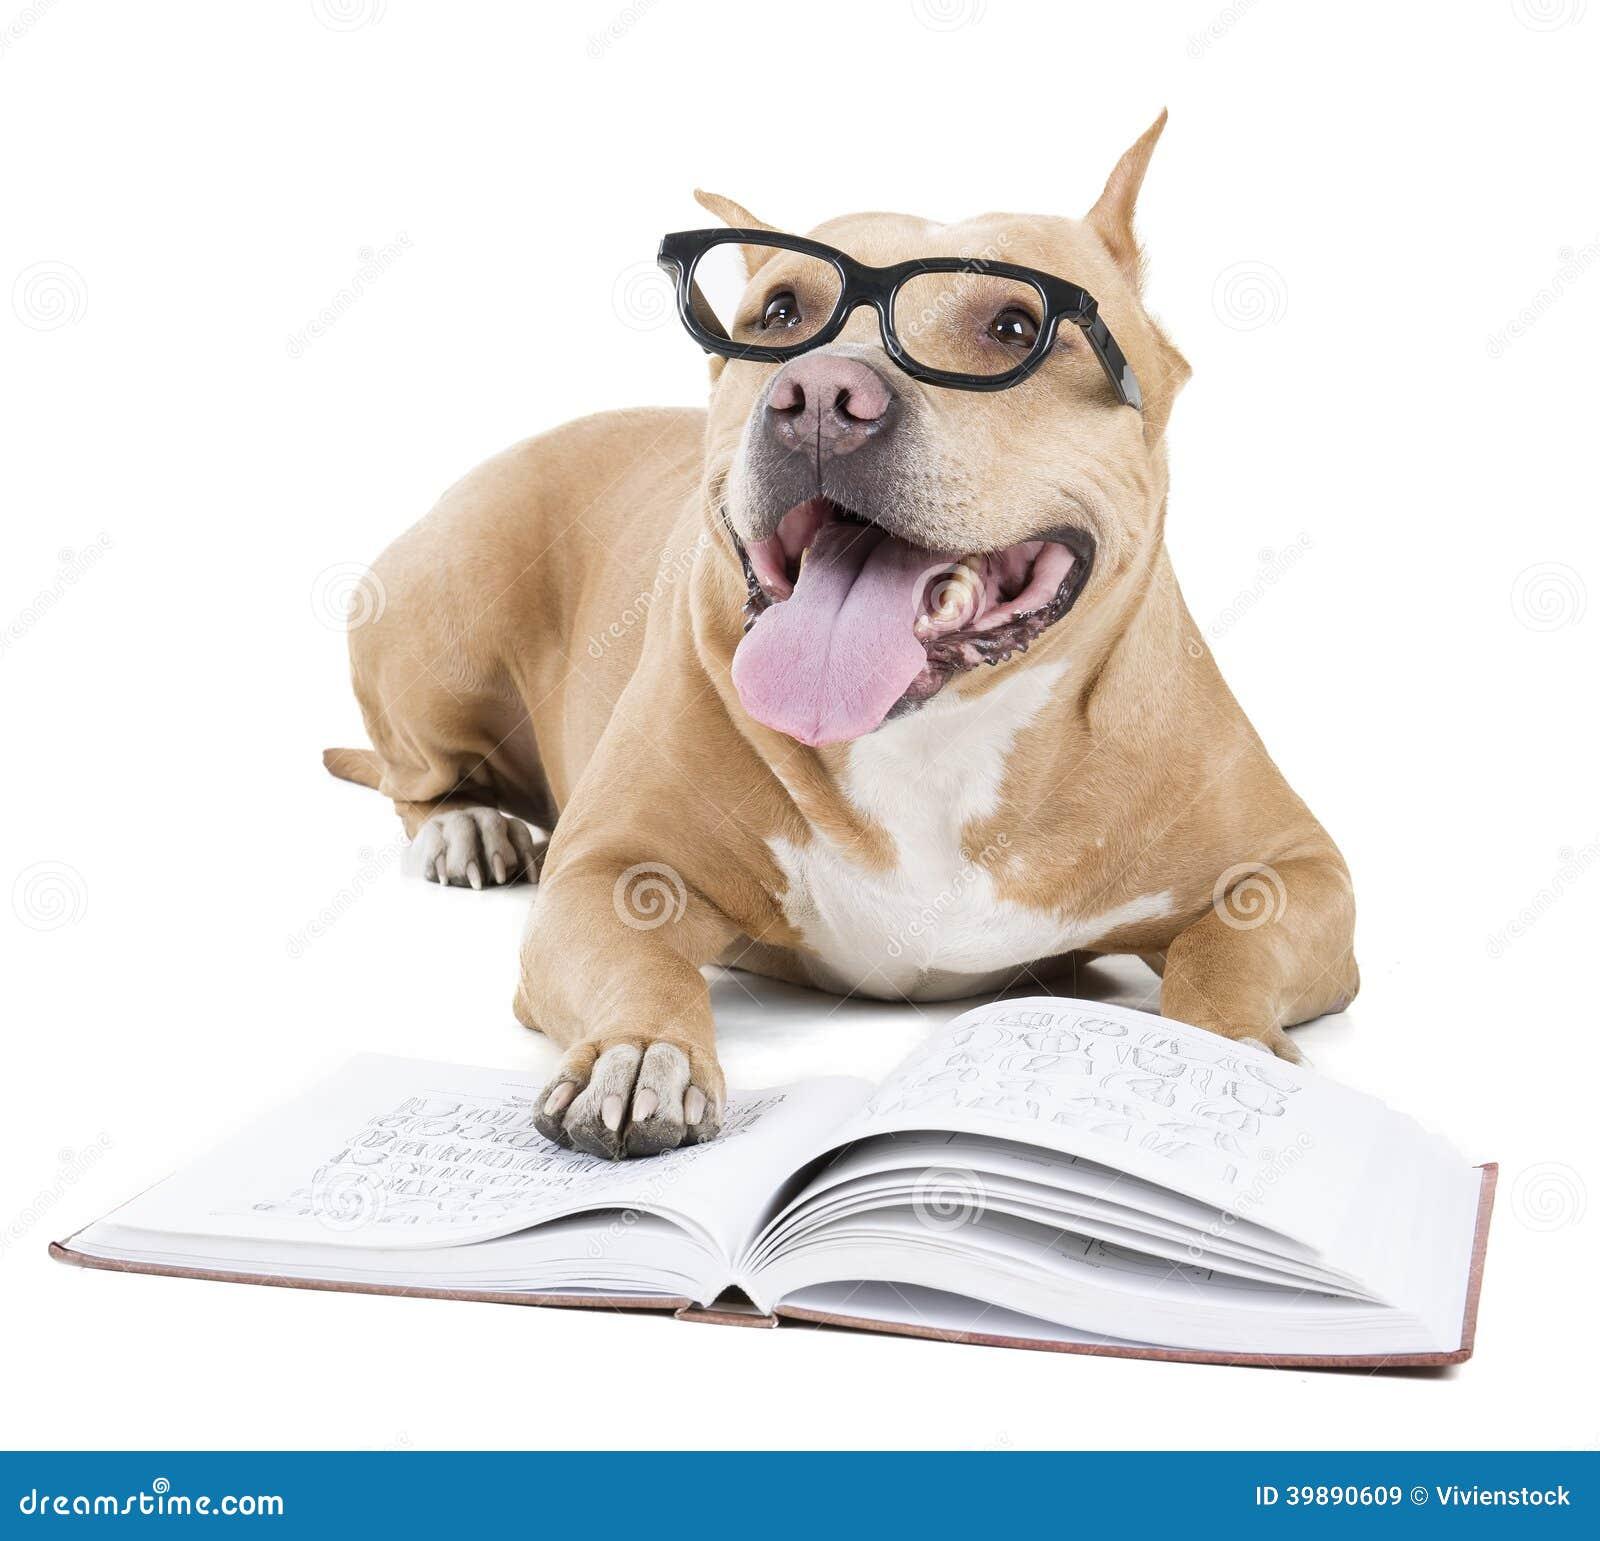 Pitbull in glasses